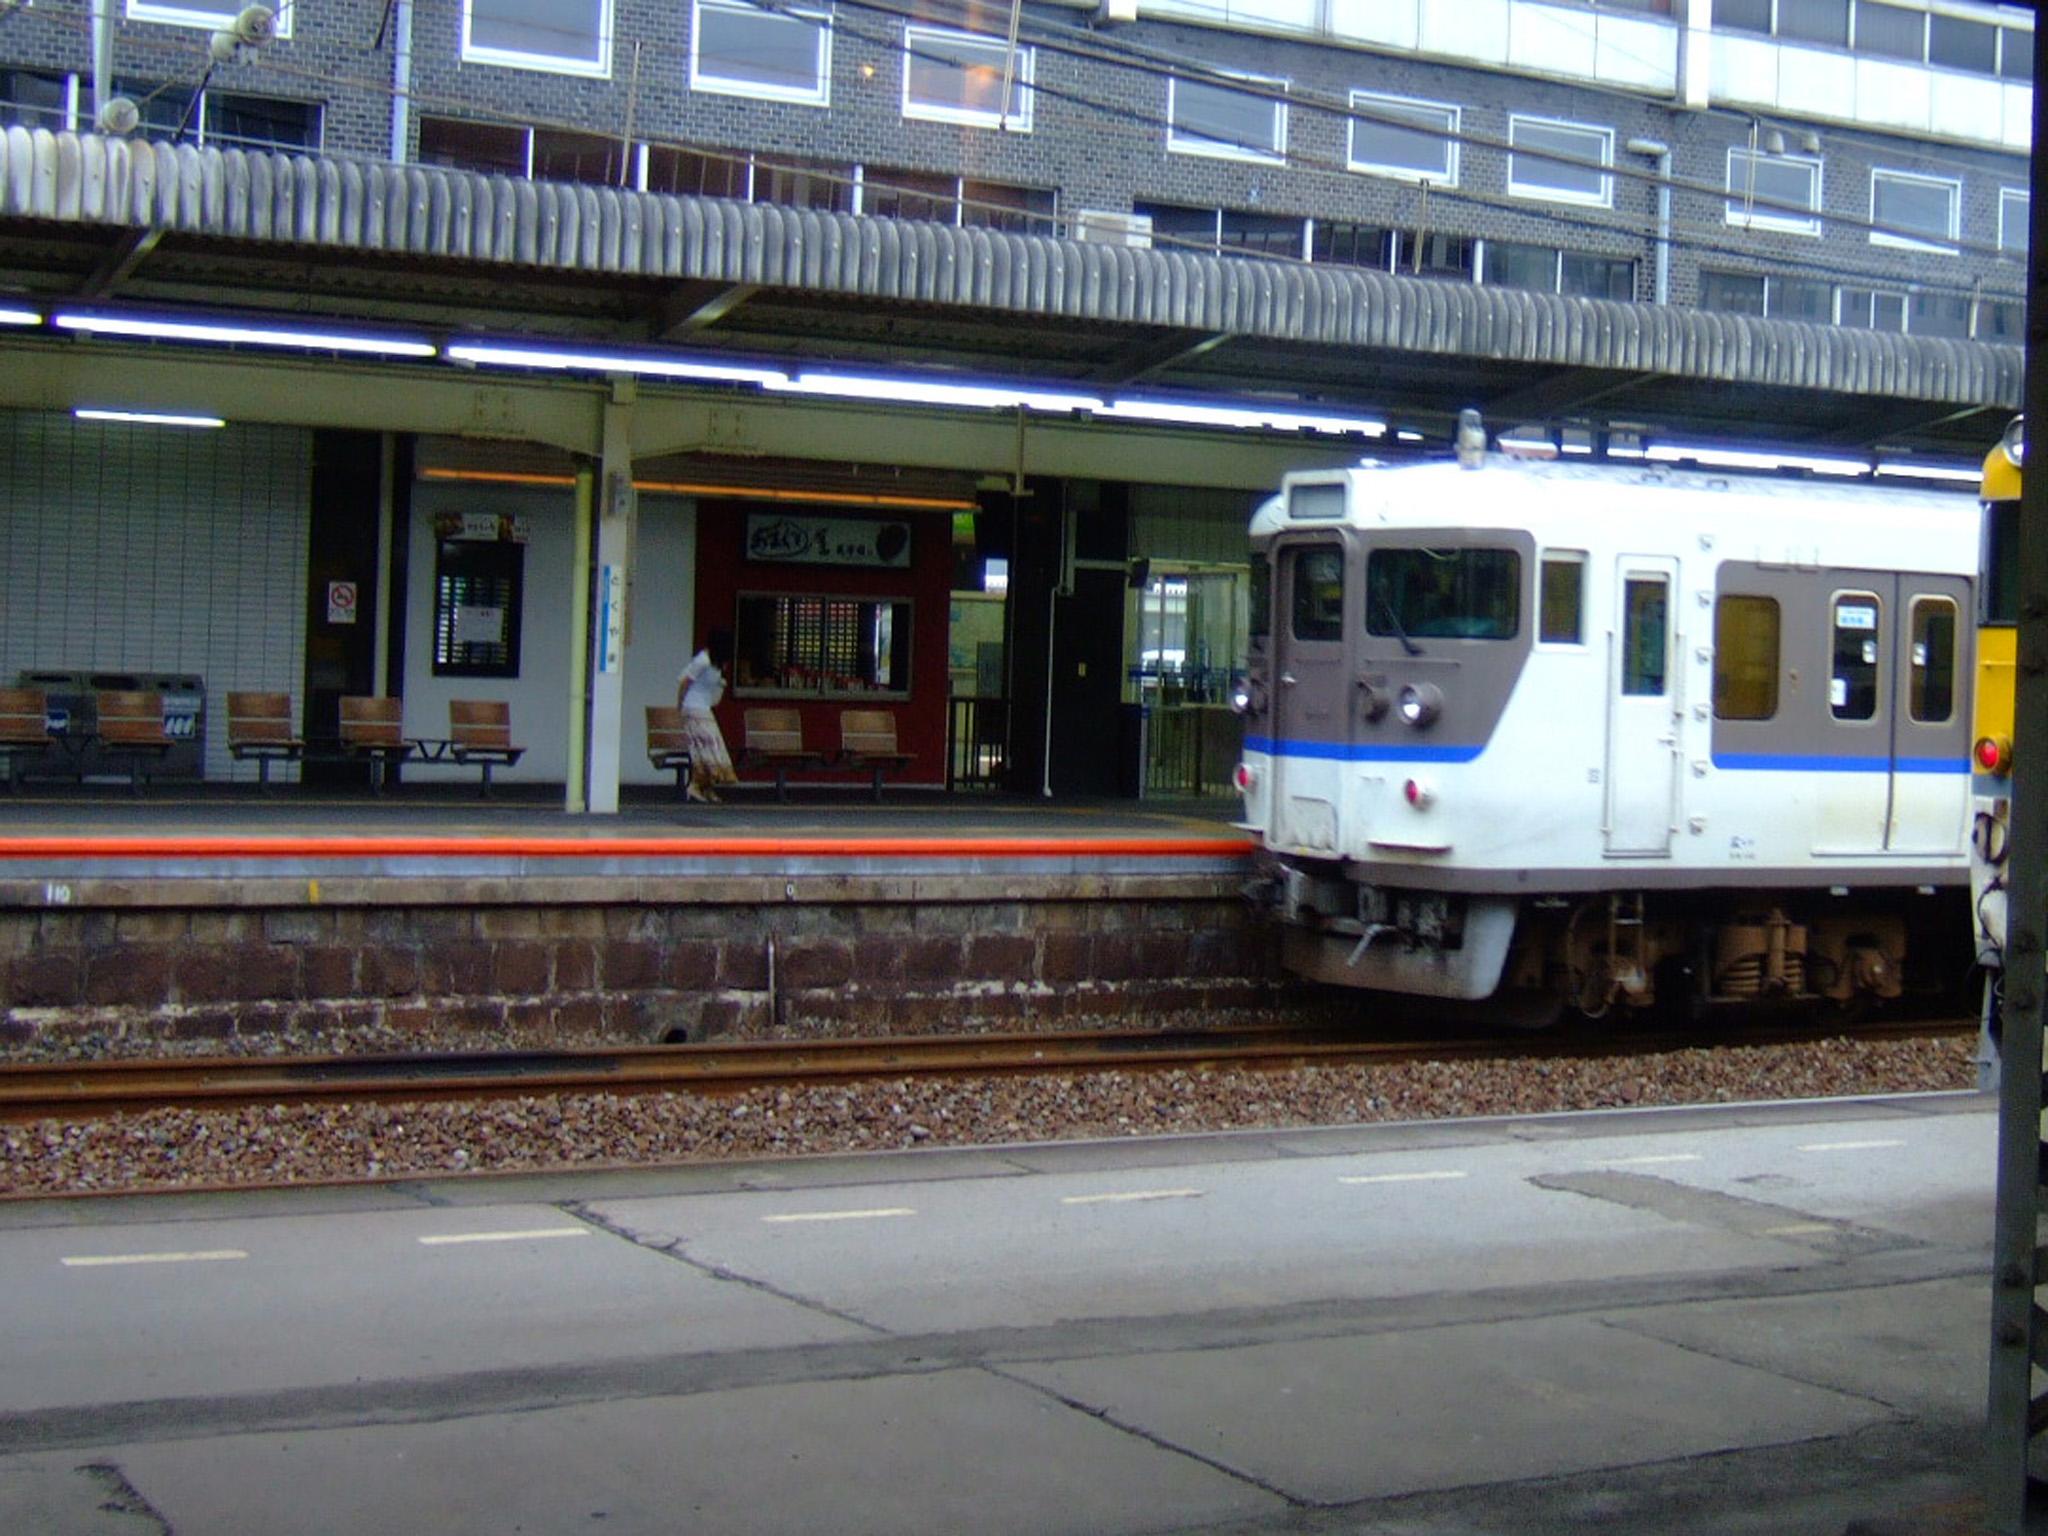 Dscf9449